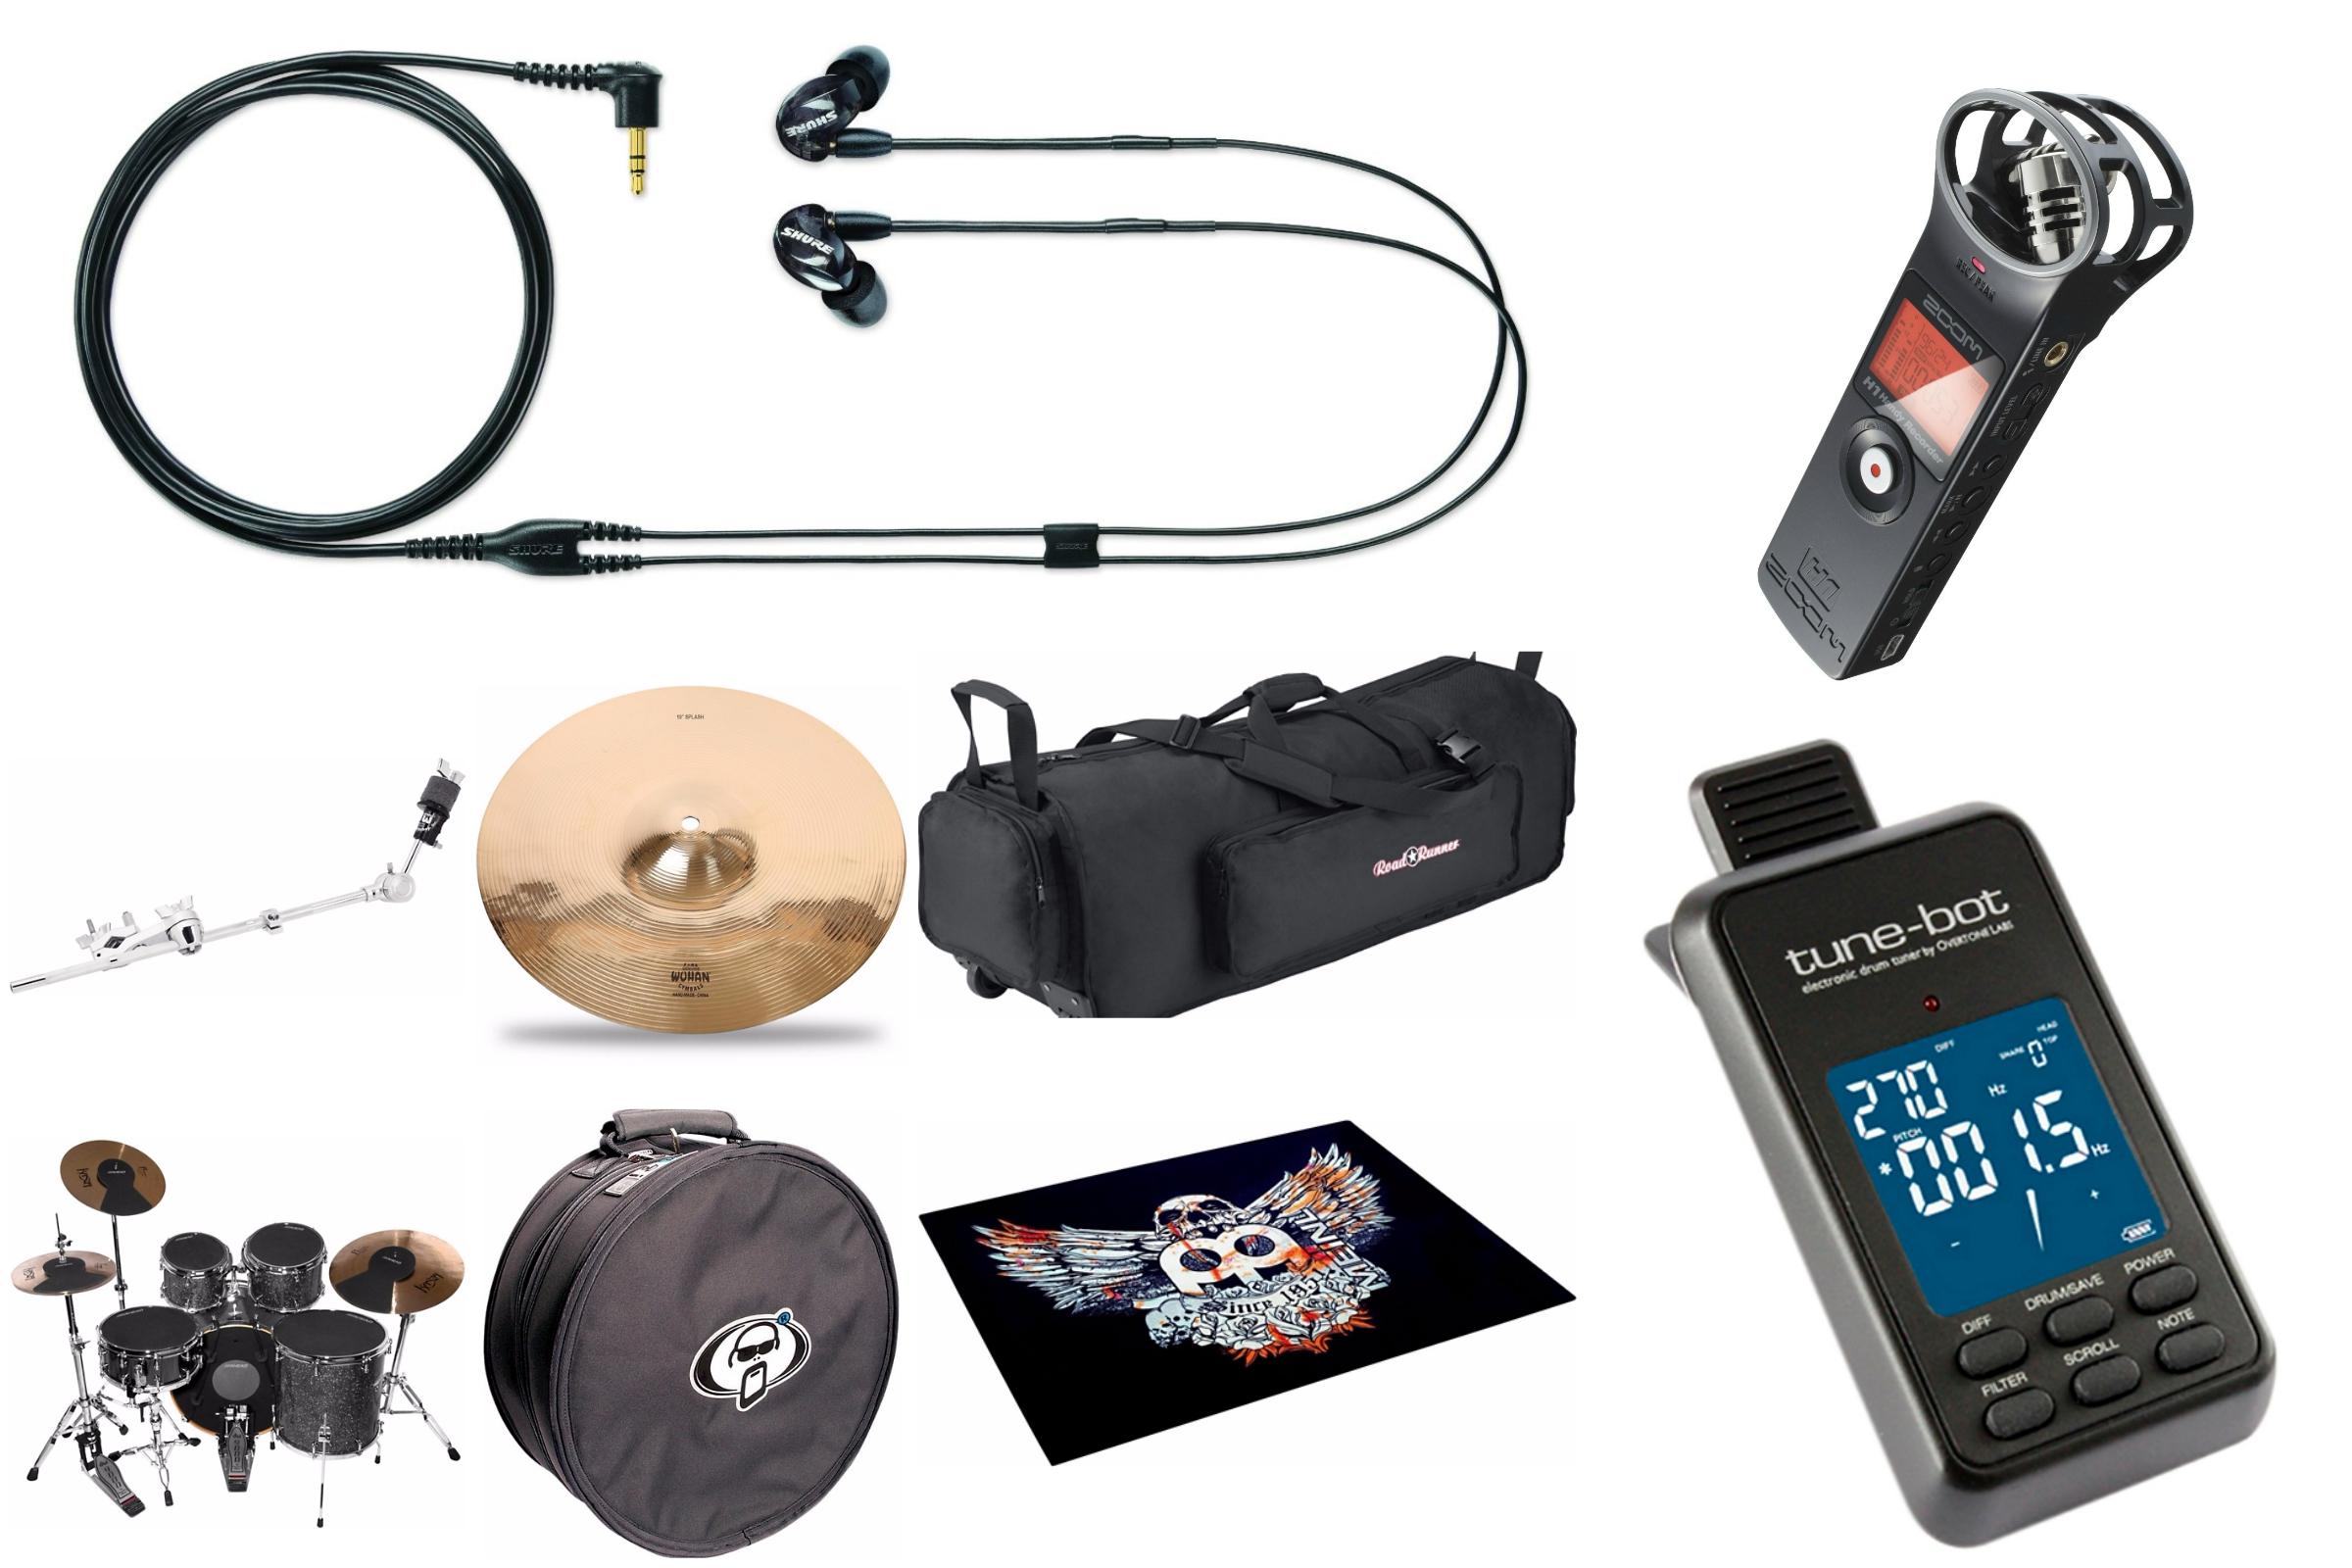 Ten Great Drum Accessories for Under $100 | Modern Drummer Magazine